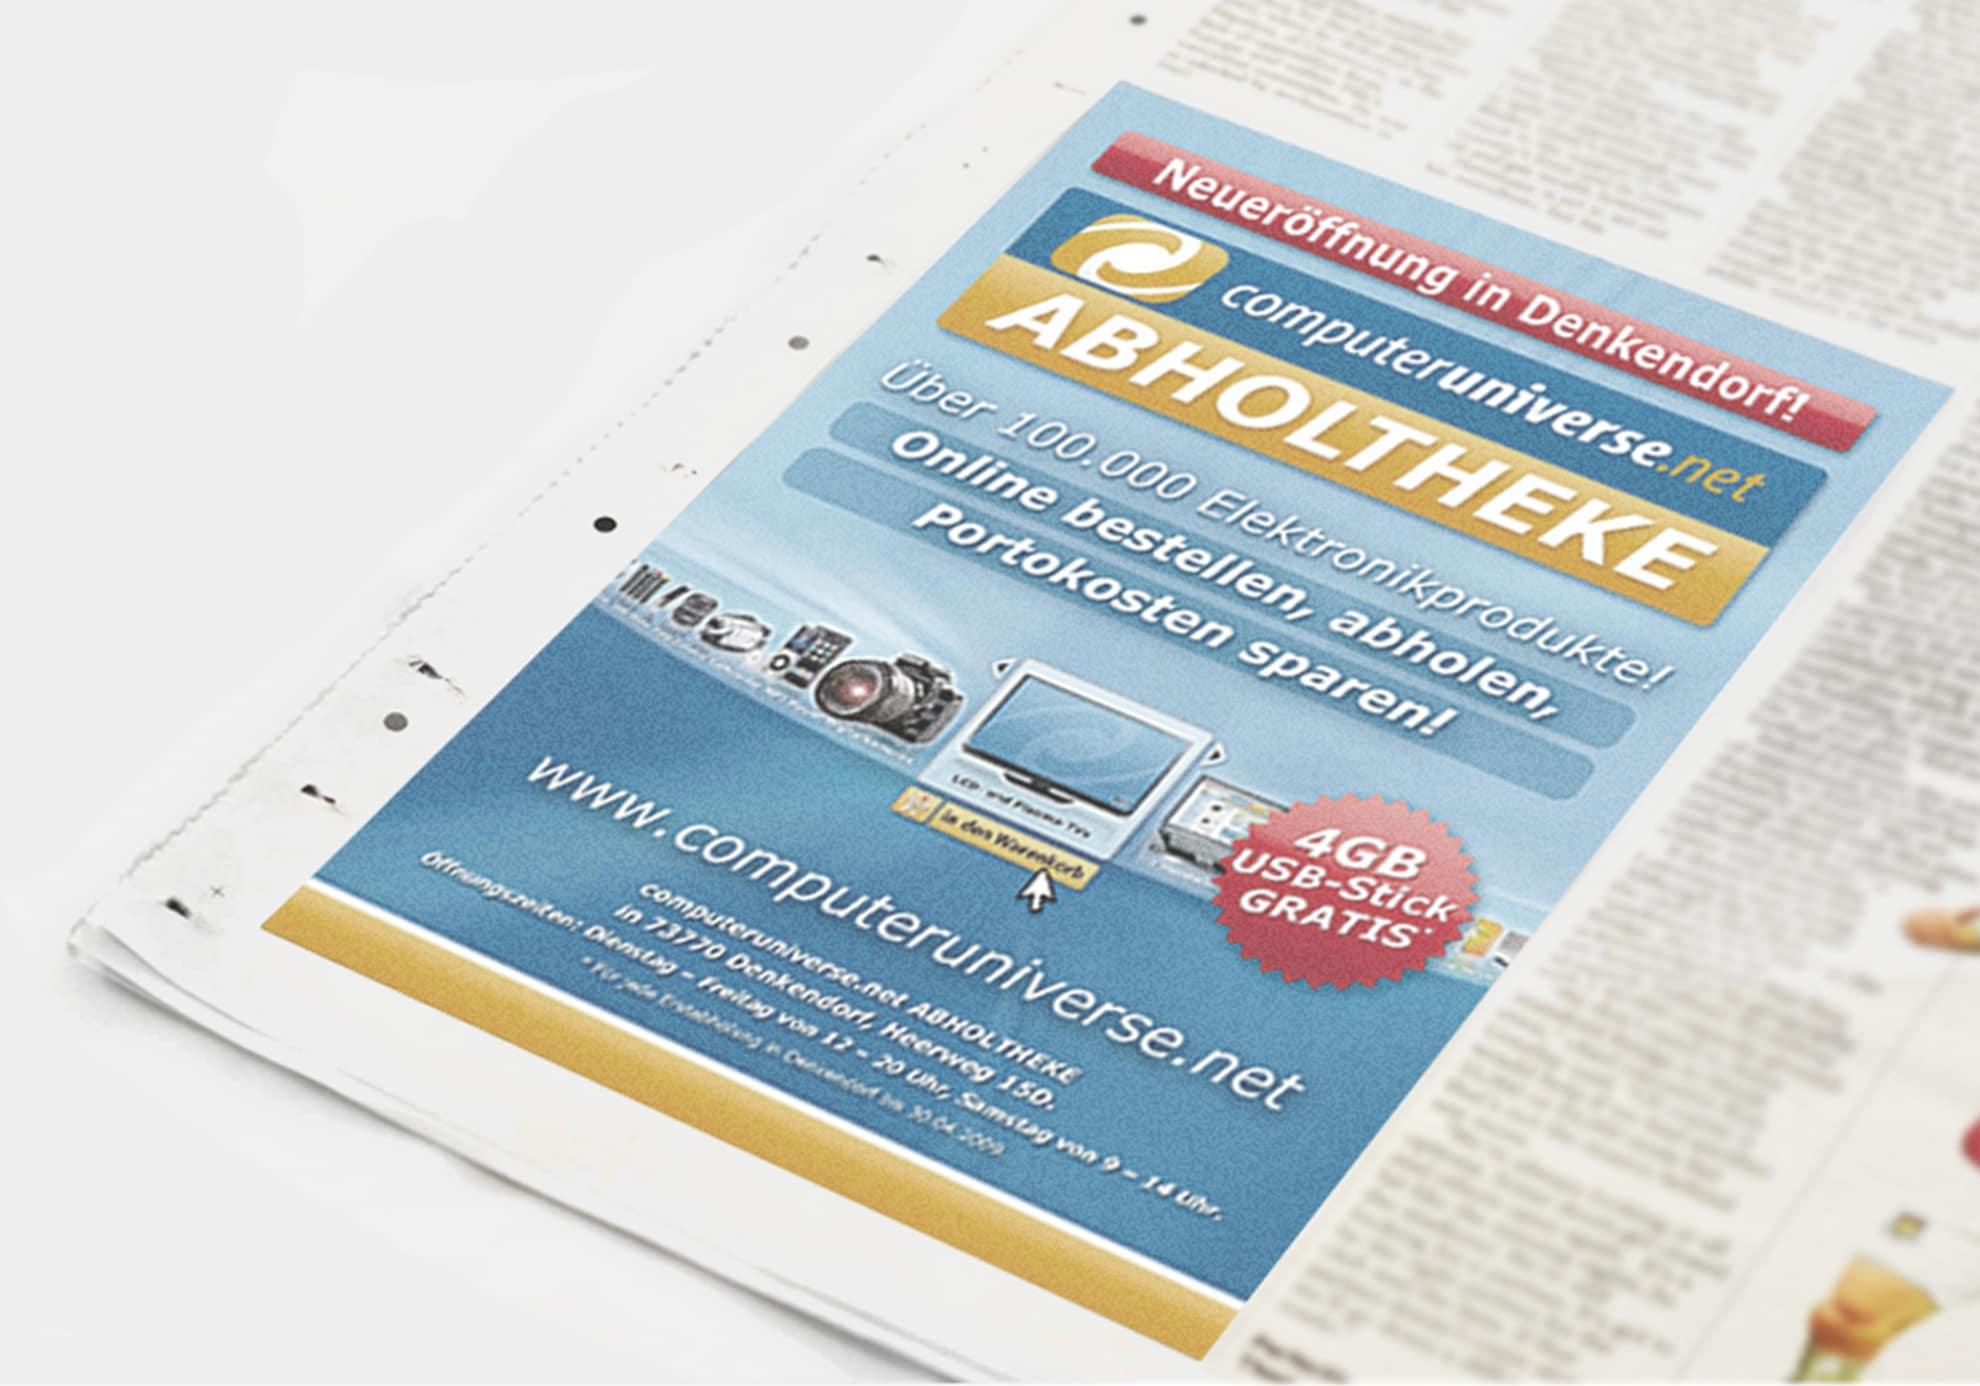 Werbeanzeige für computeruniverse.net